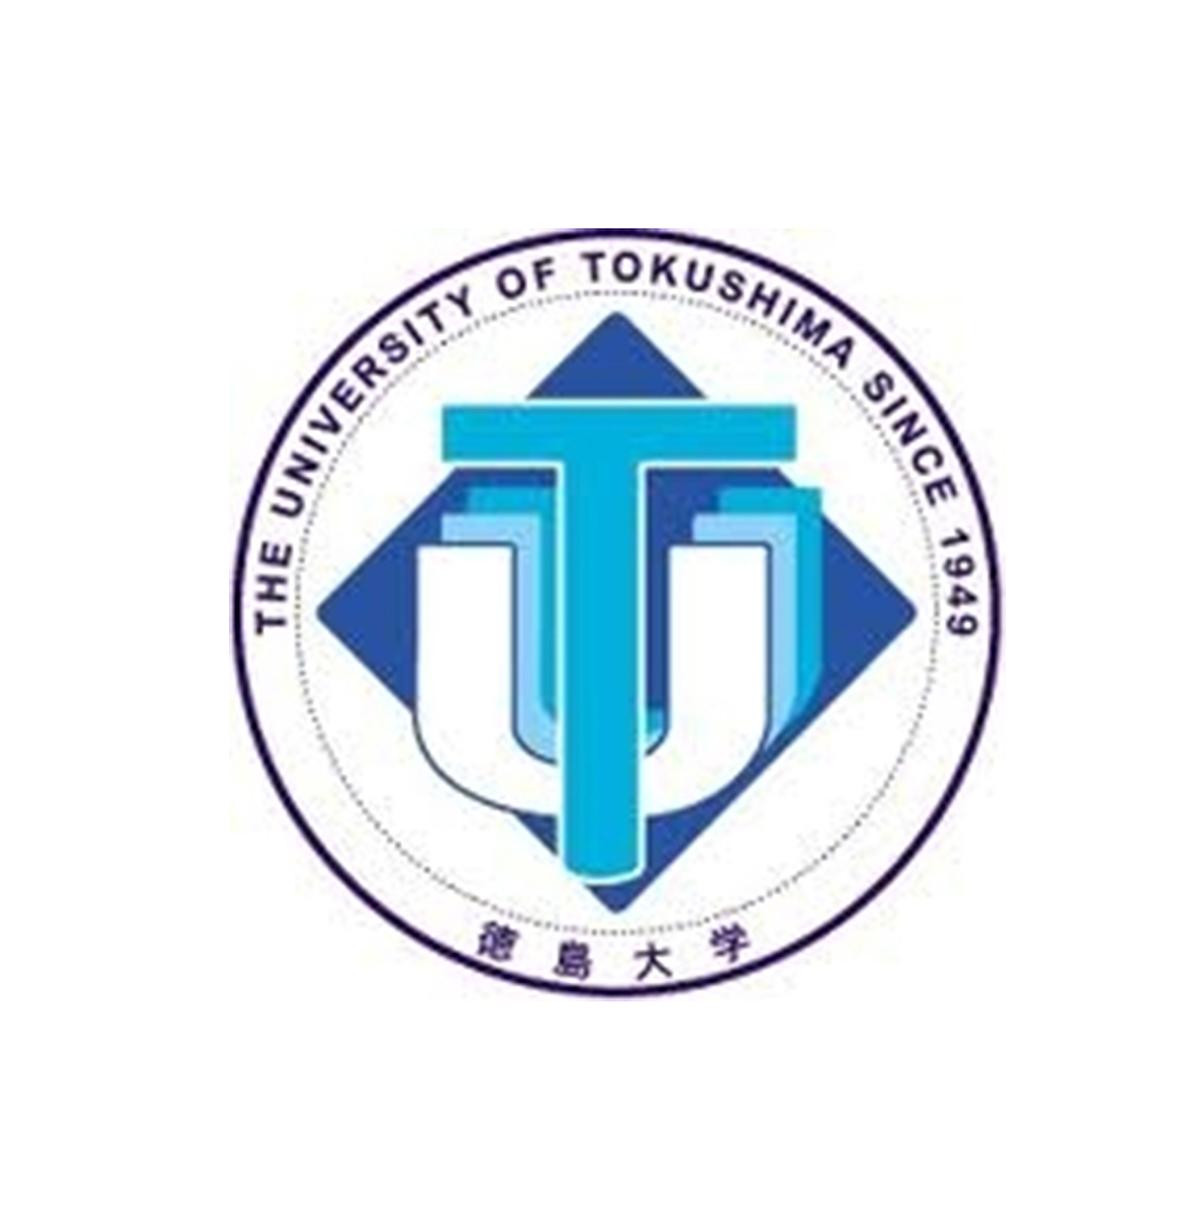 Tokushima University